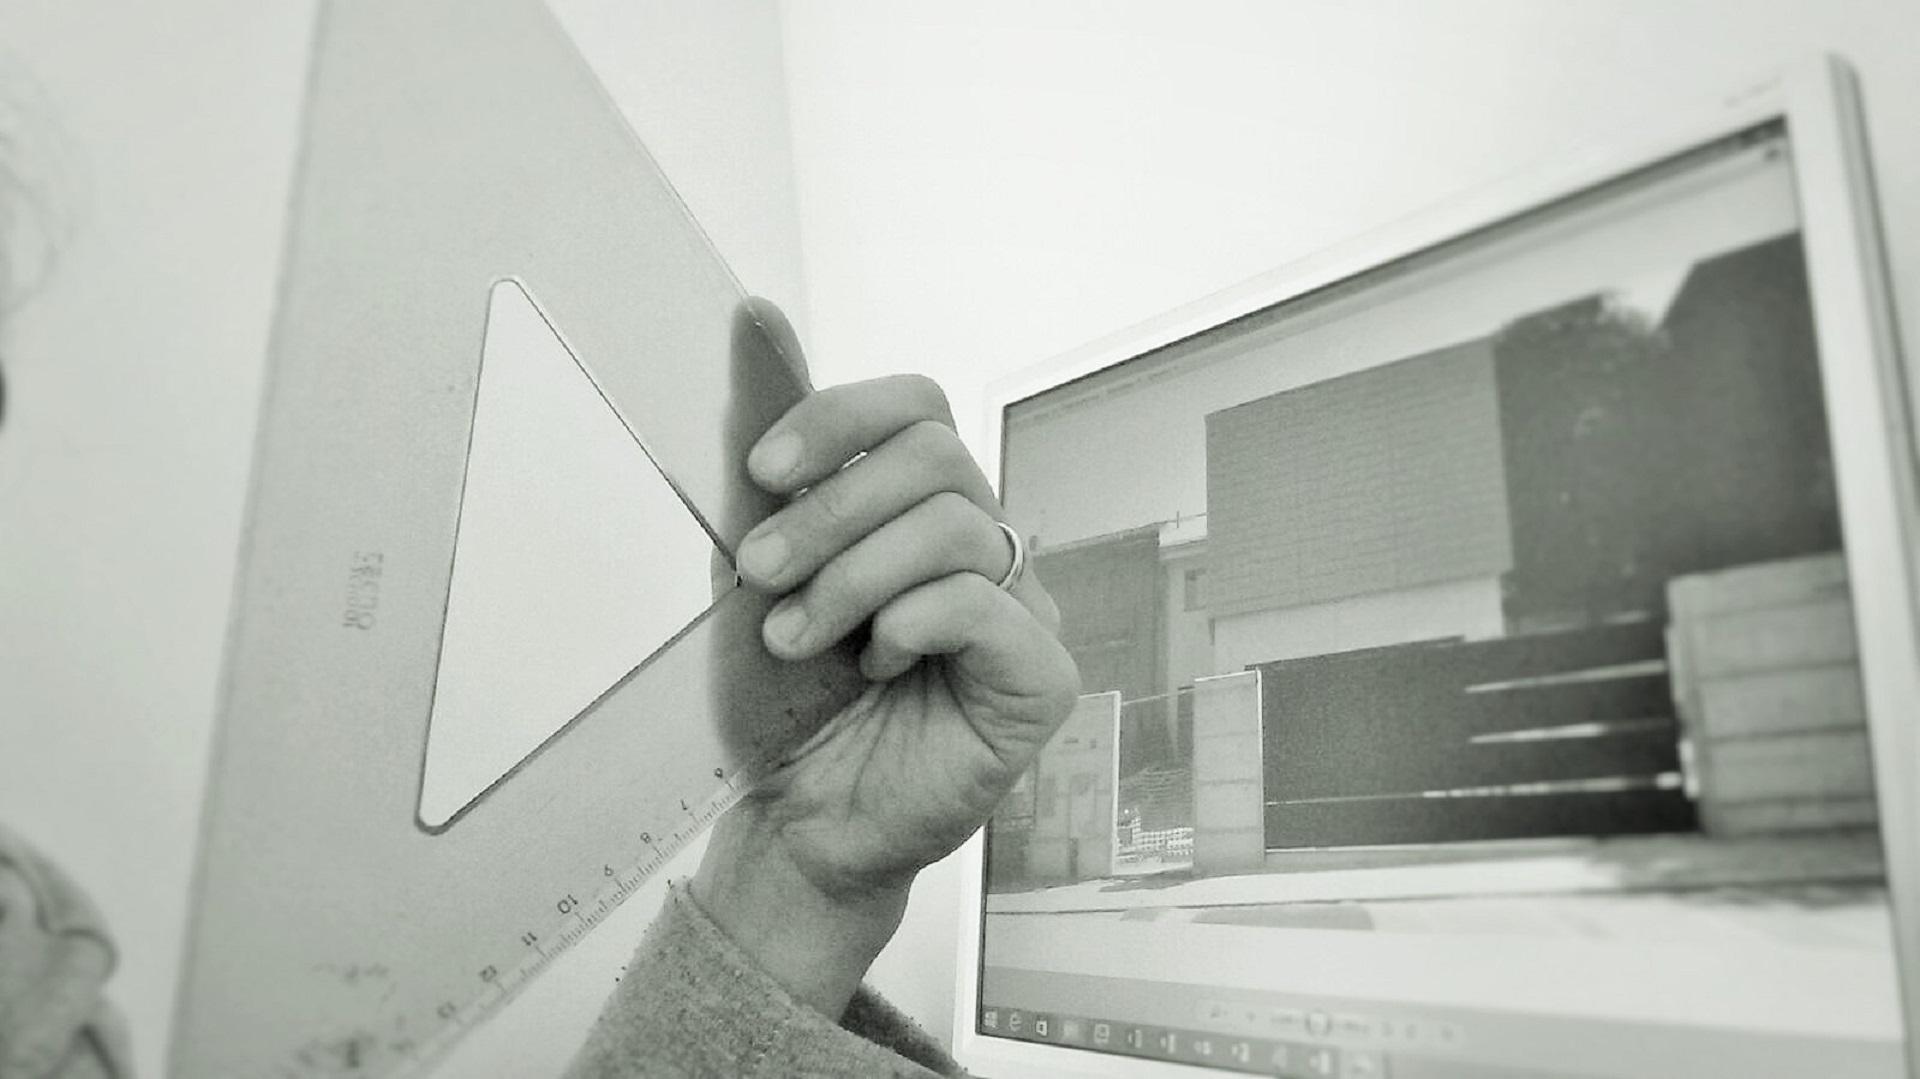 foto dello schermo del computer raffigurante l'immagine dell'edificio oggetto dell'evento